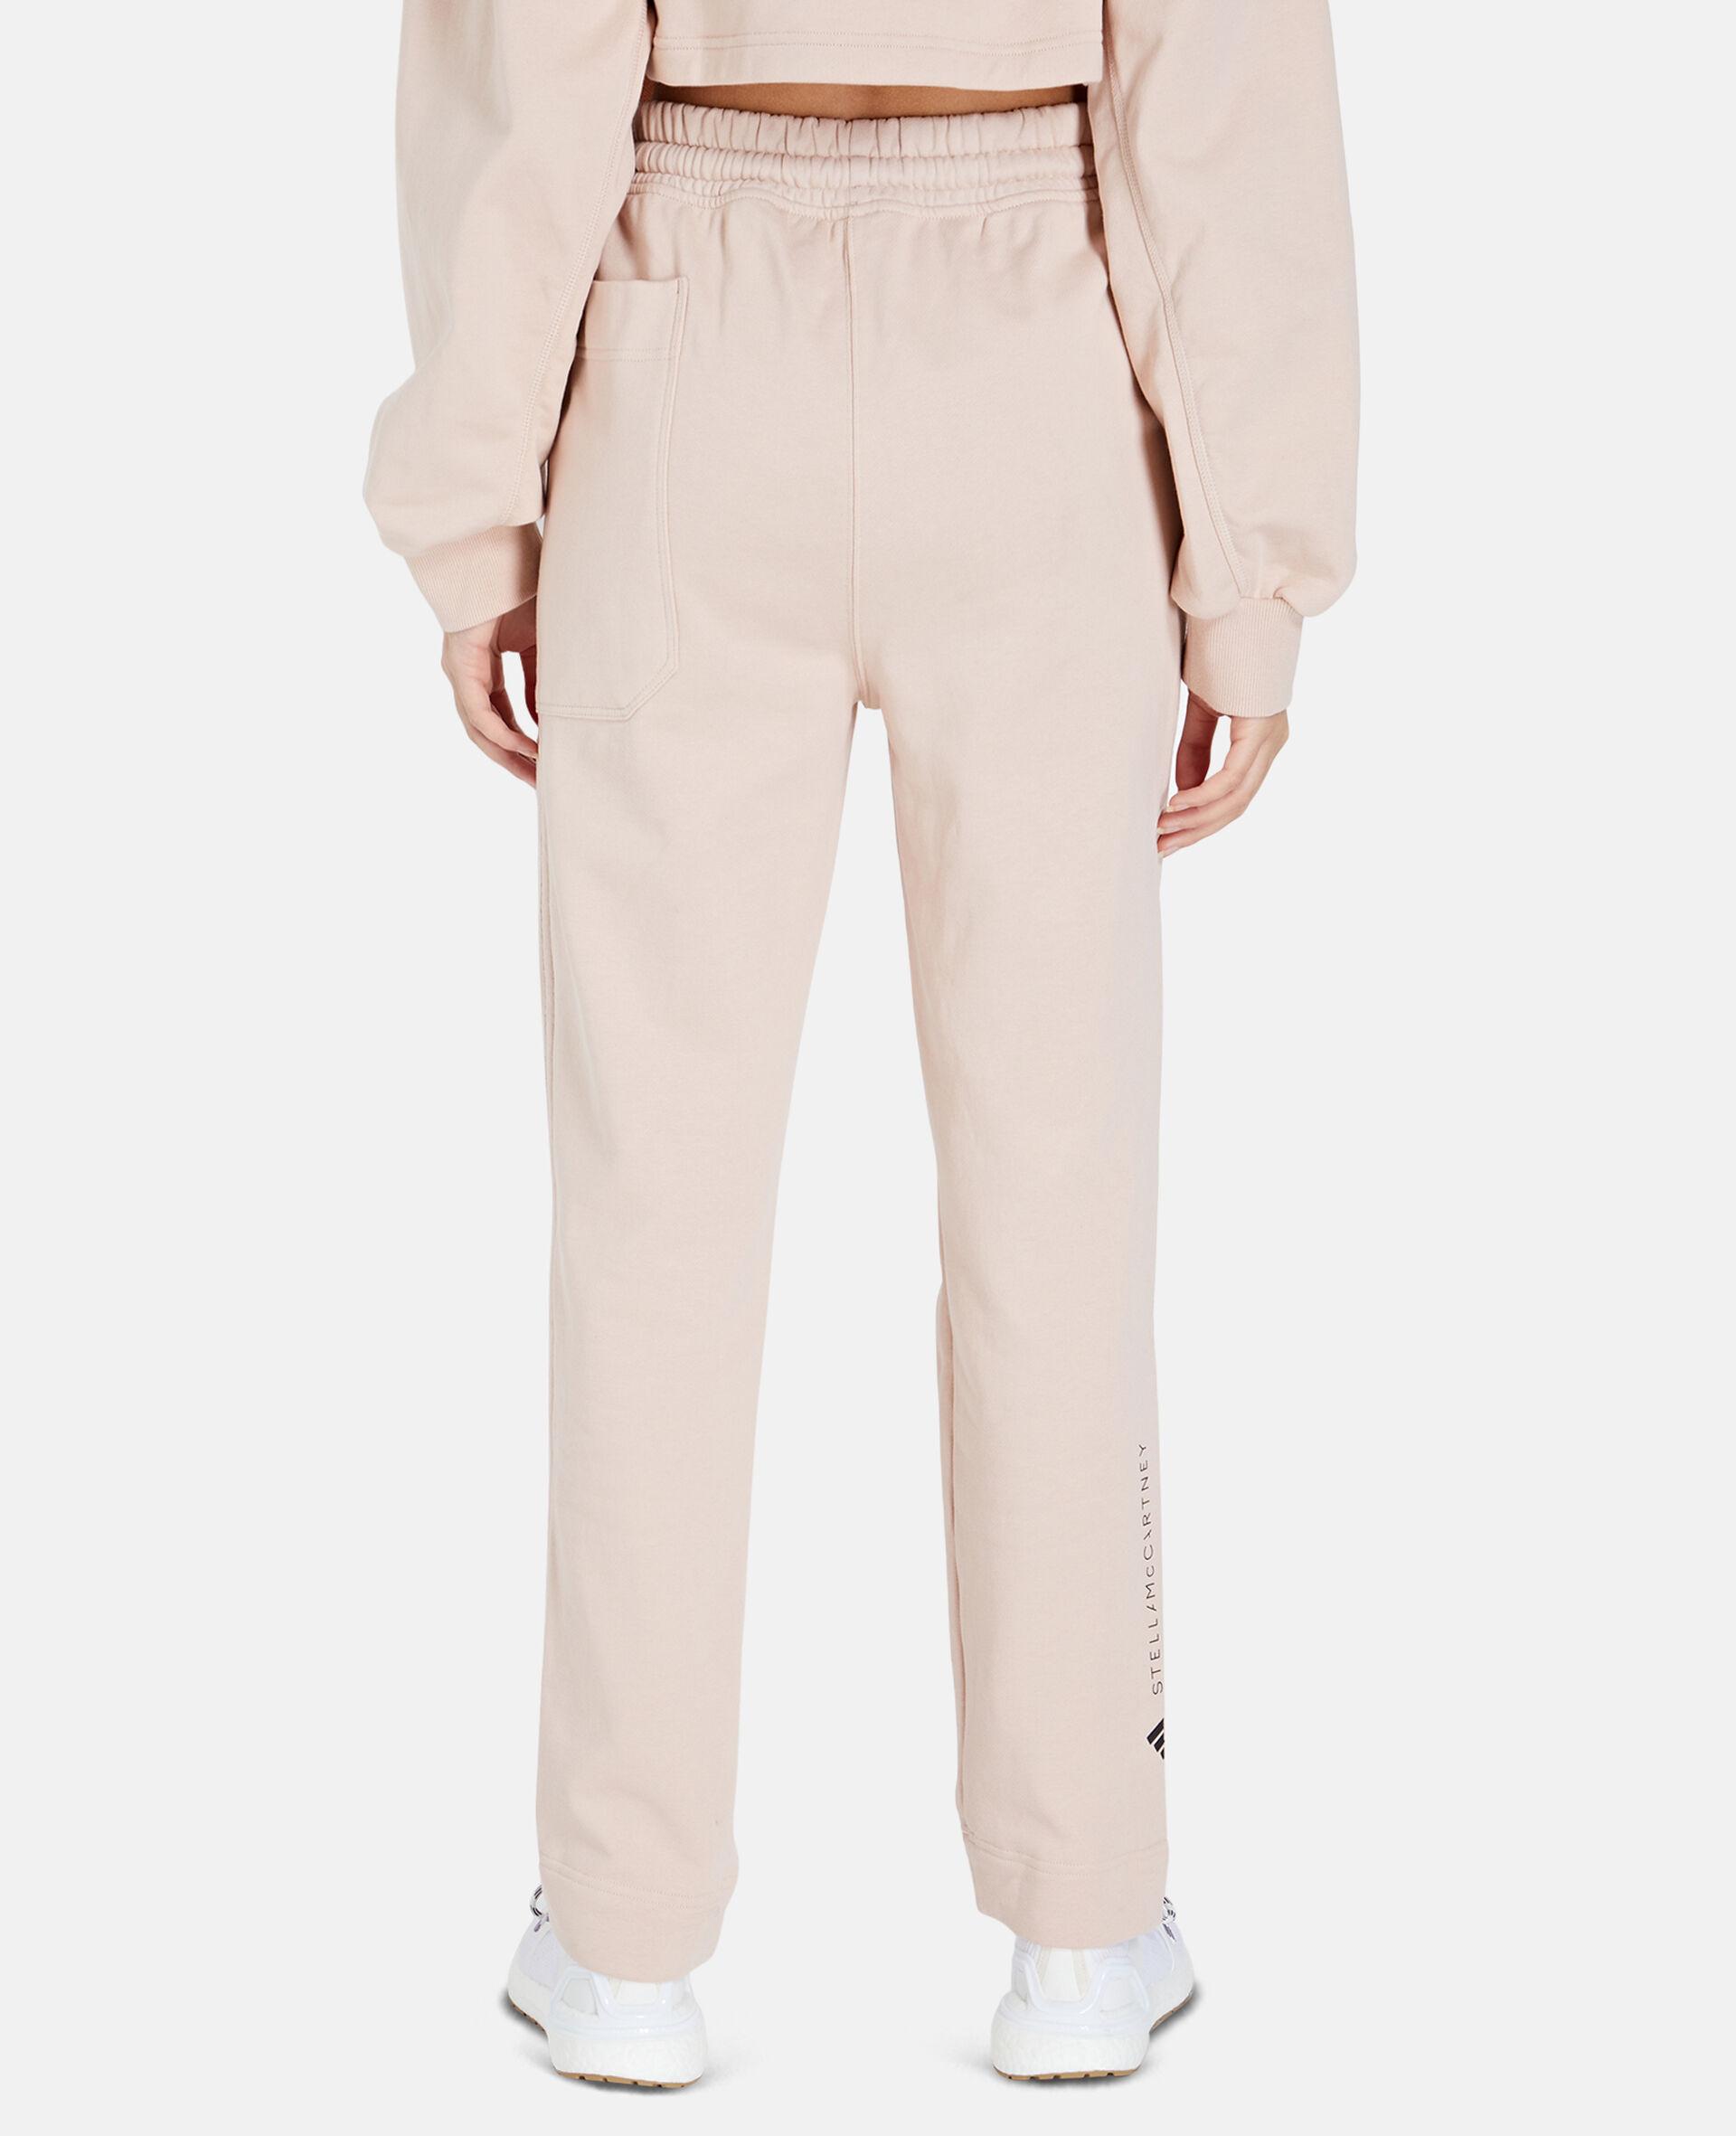 粉色 Training 卫裤 -粉色-large image number 2